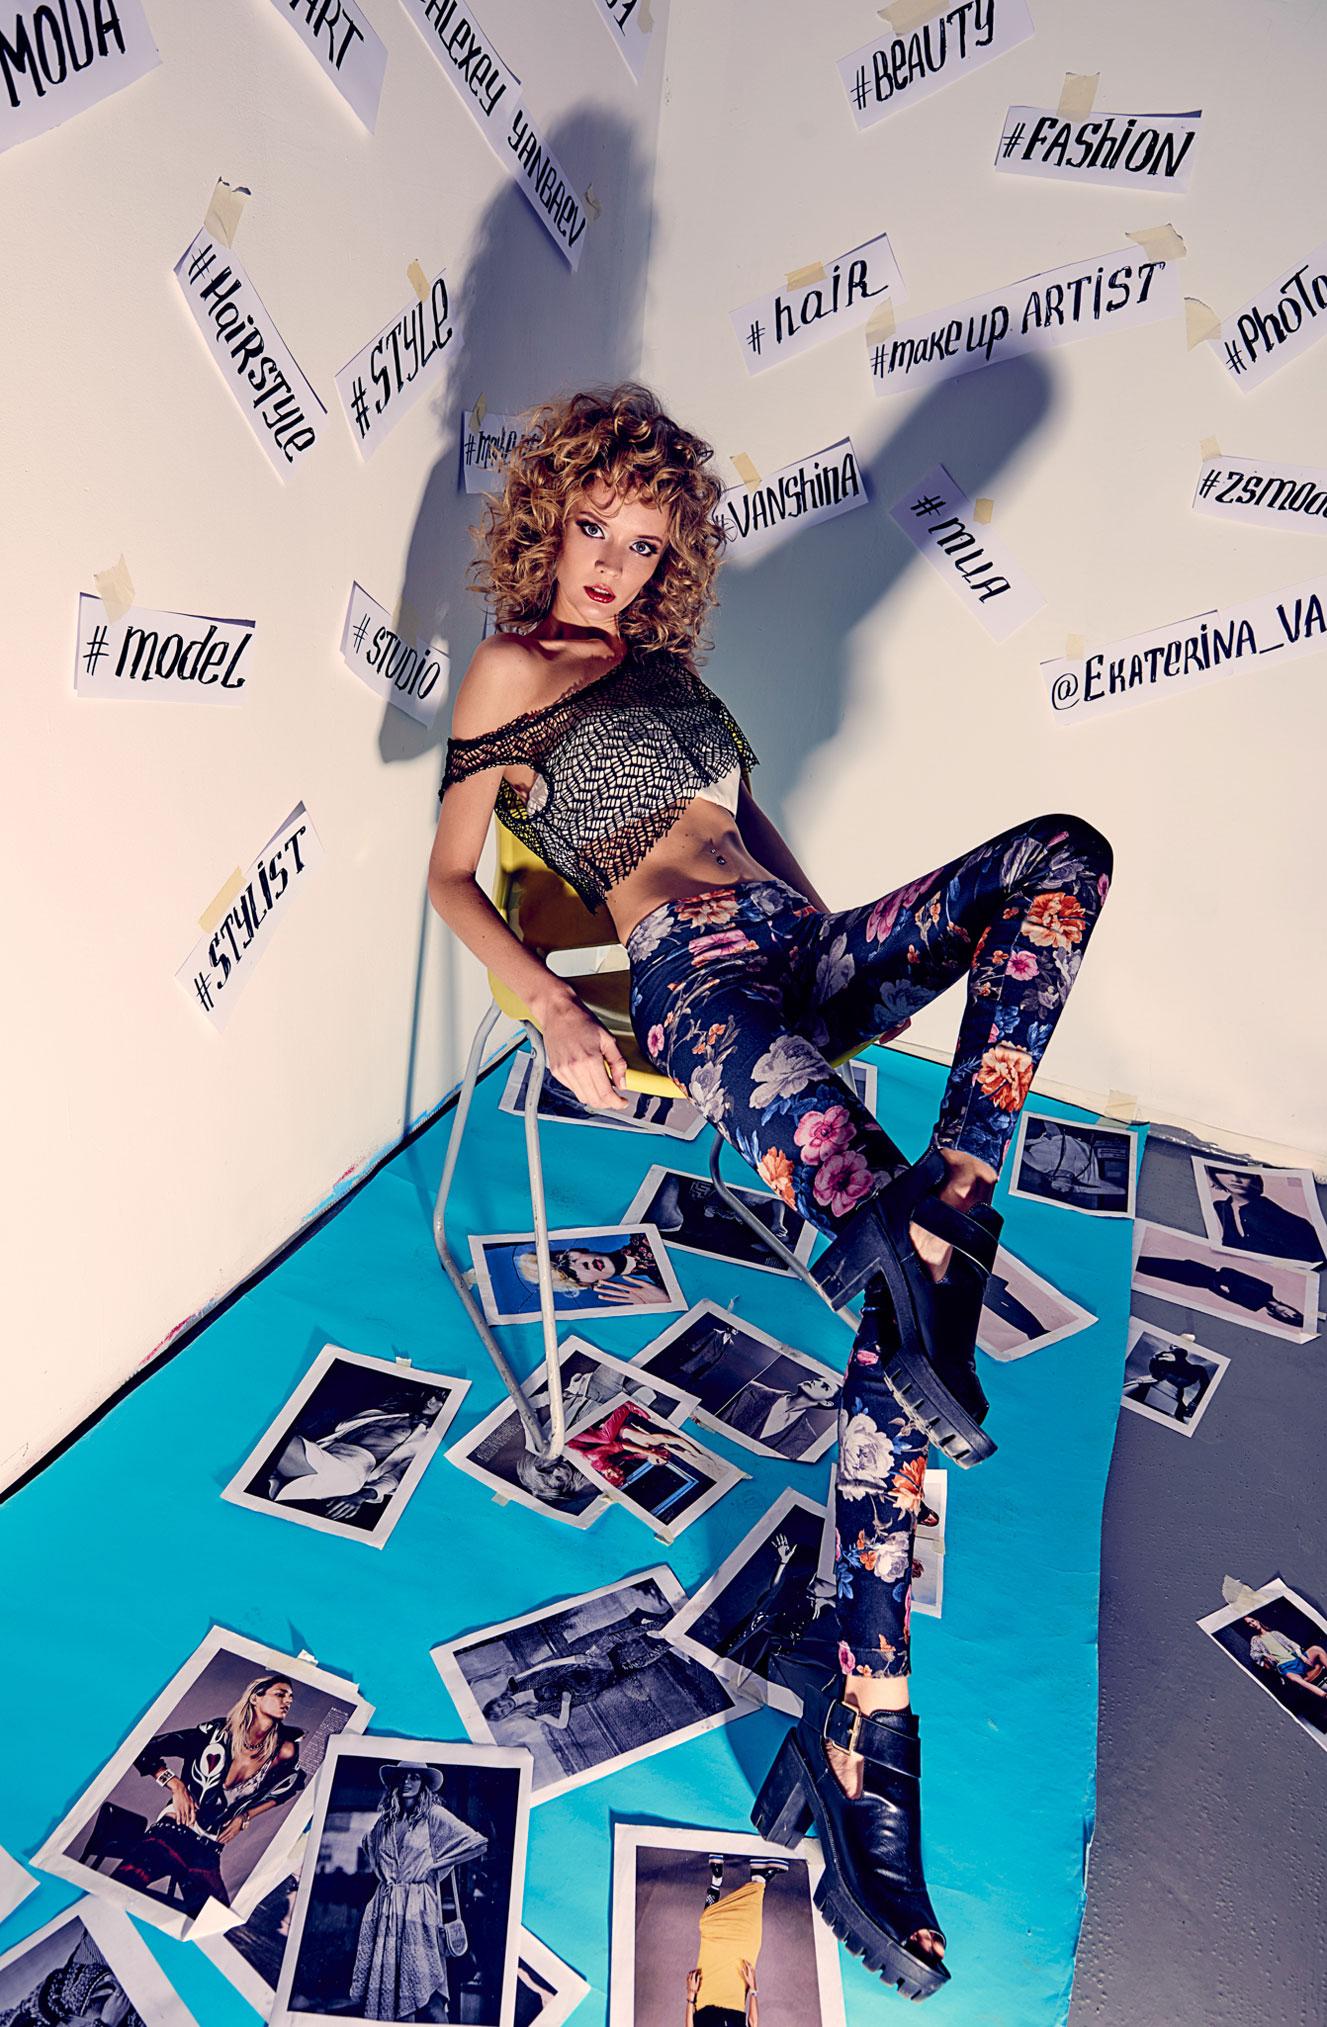 Екатерина Ваньшина и хэштеги в модной фотосессии Алексея Янбаева / фото 07